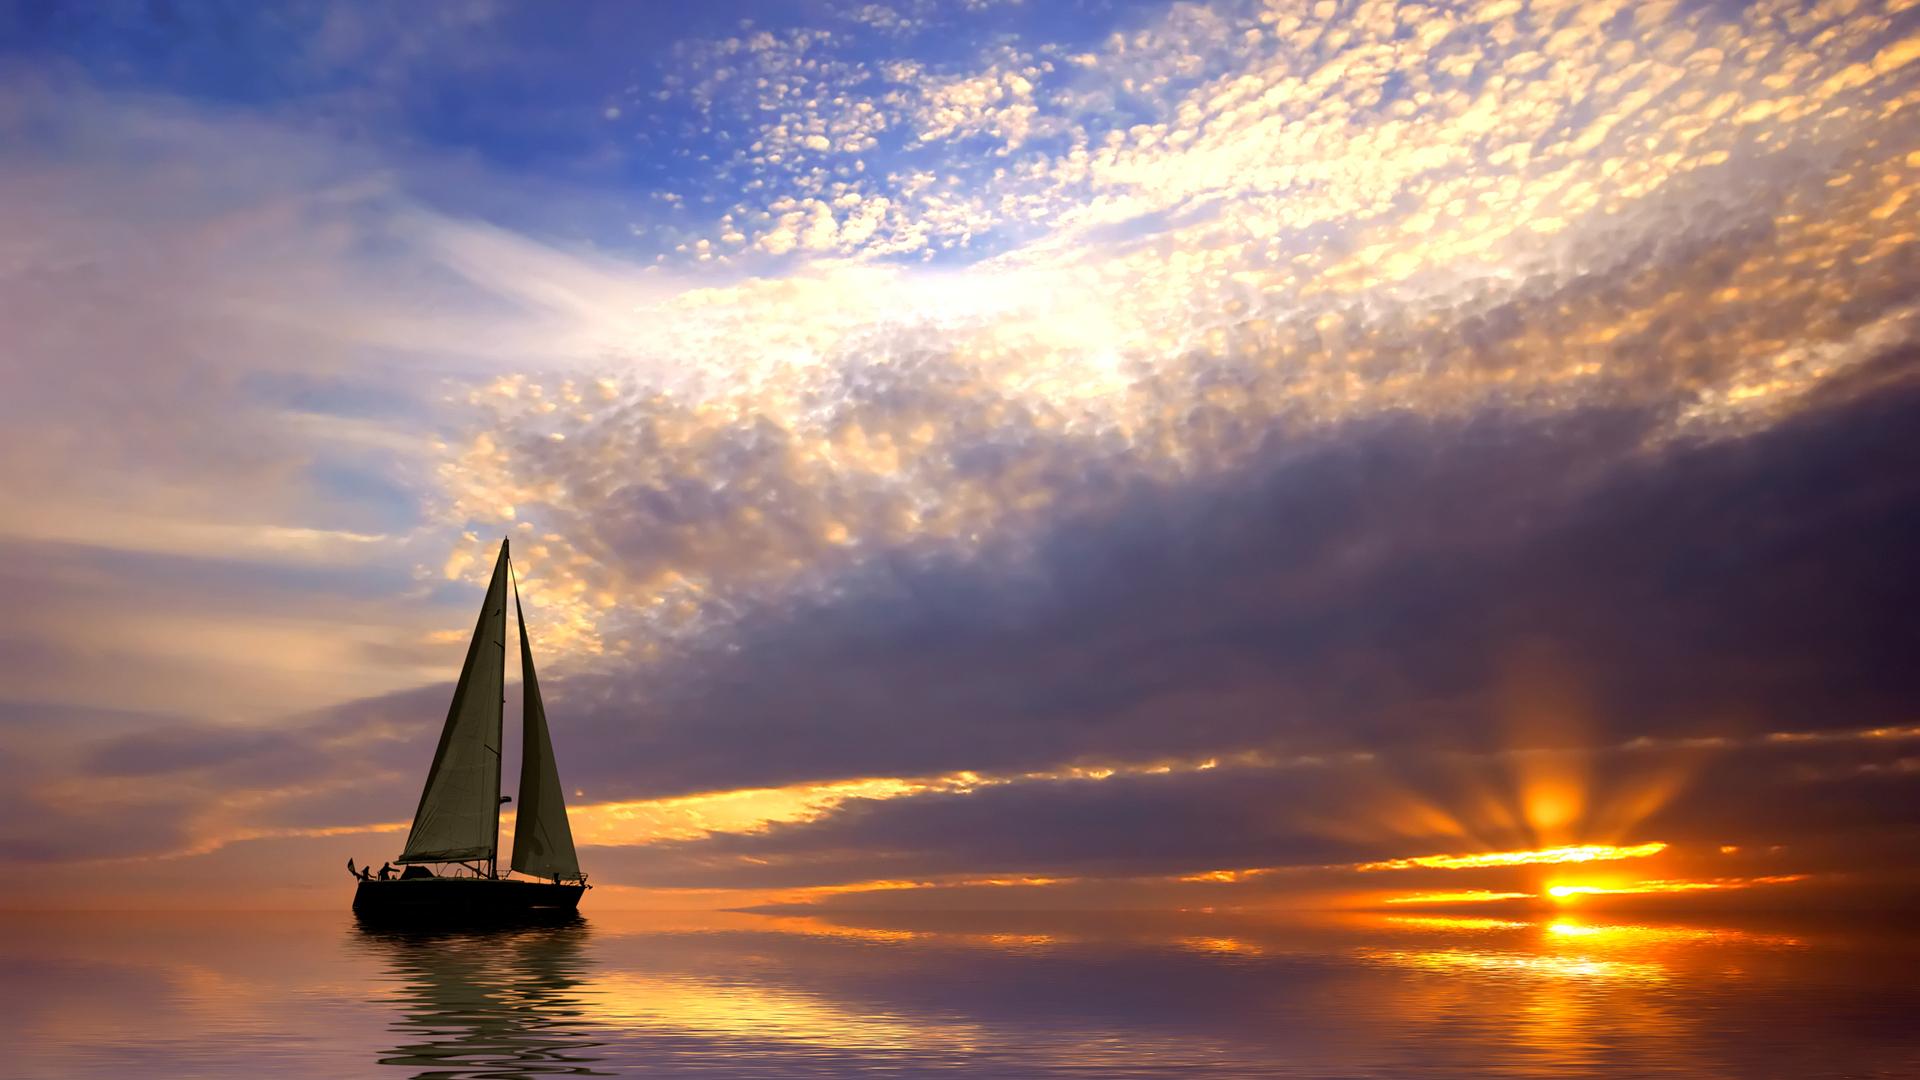 Hình ảnh biển thuyền buồm hoàng hôn